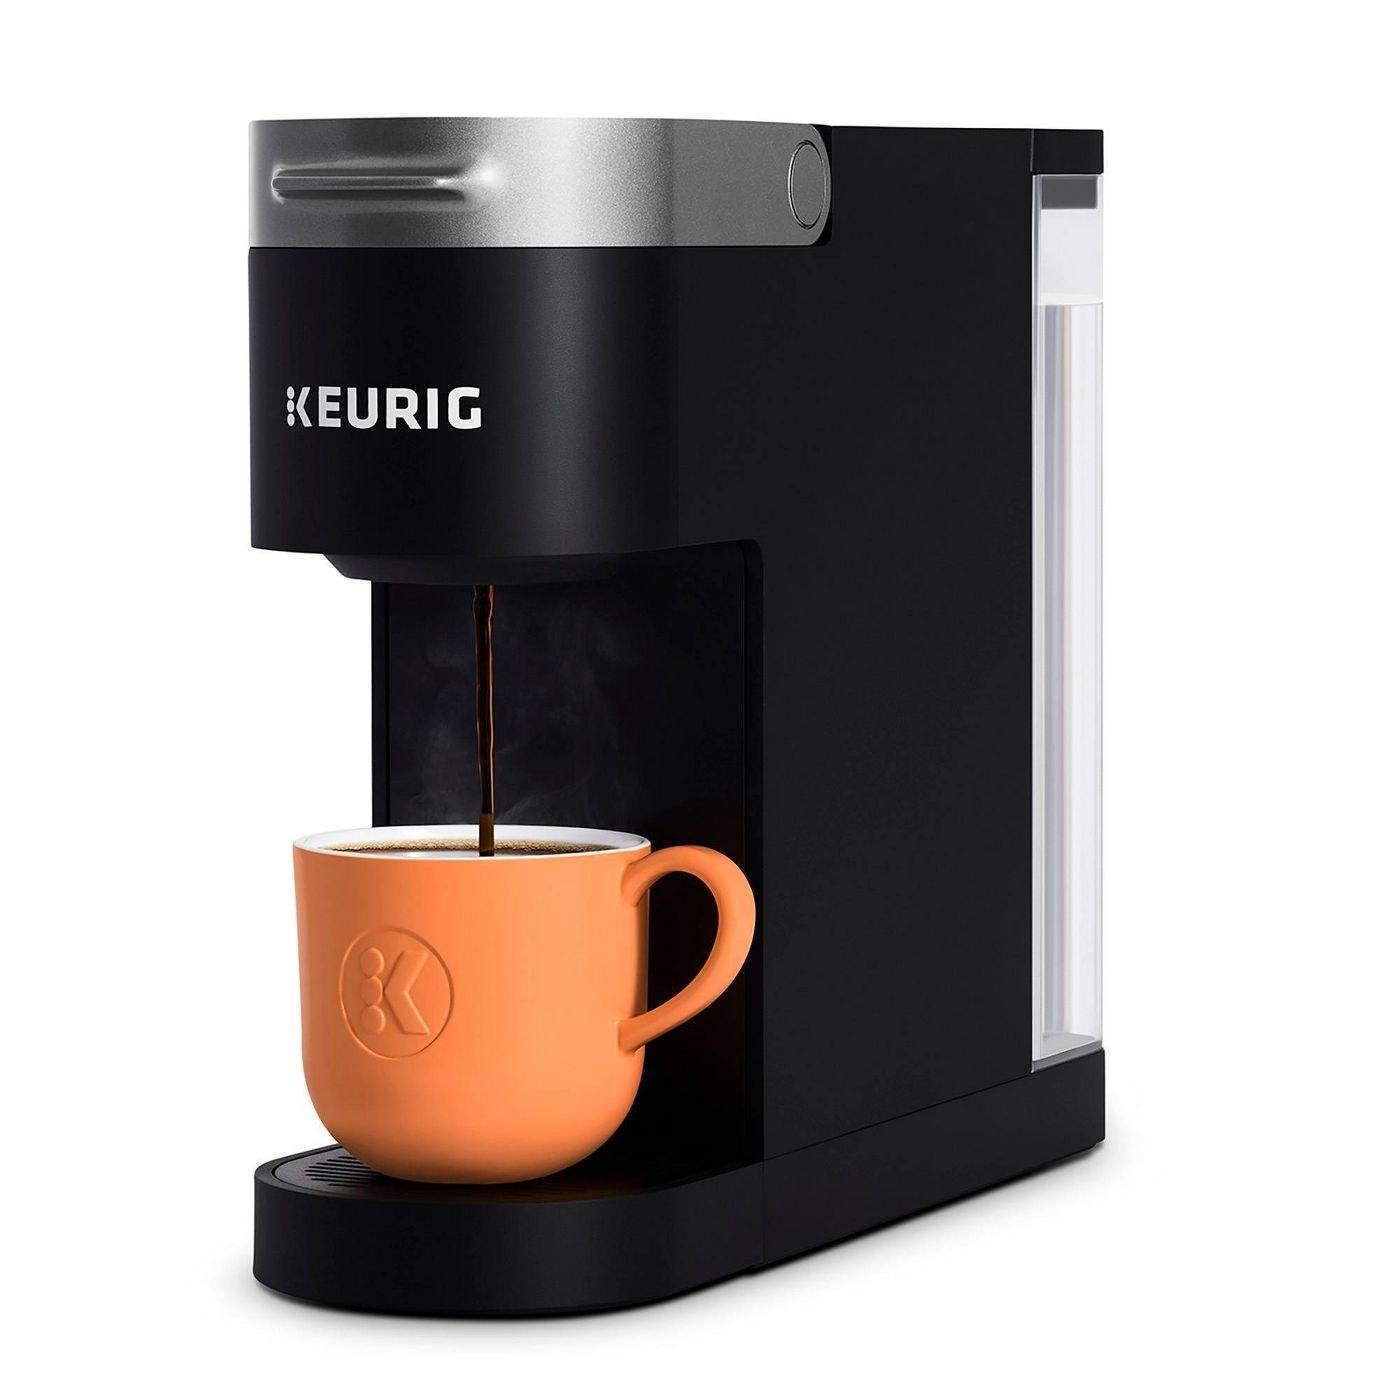 The black Keurig coffeemaker